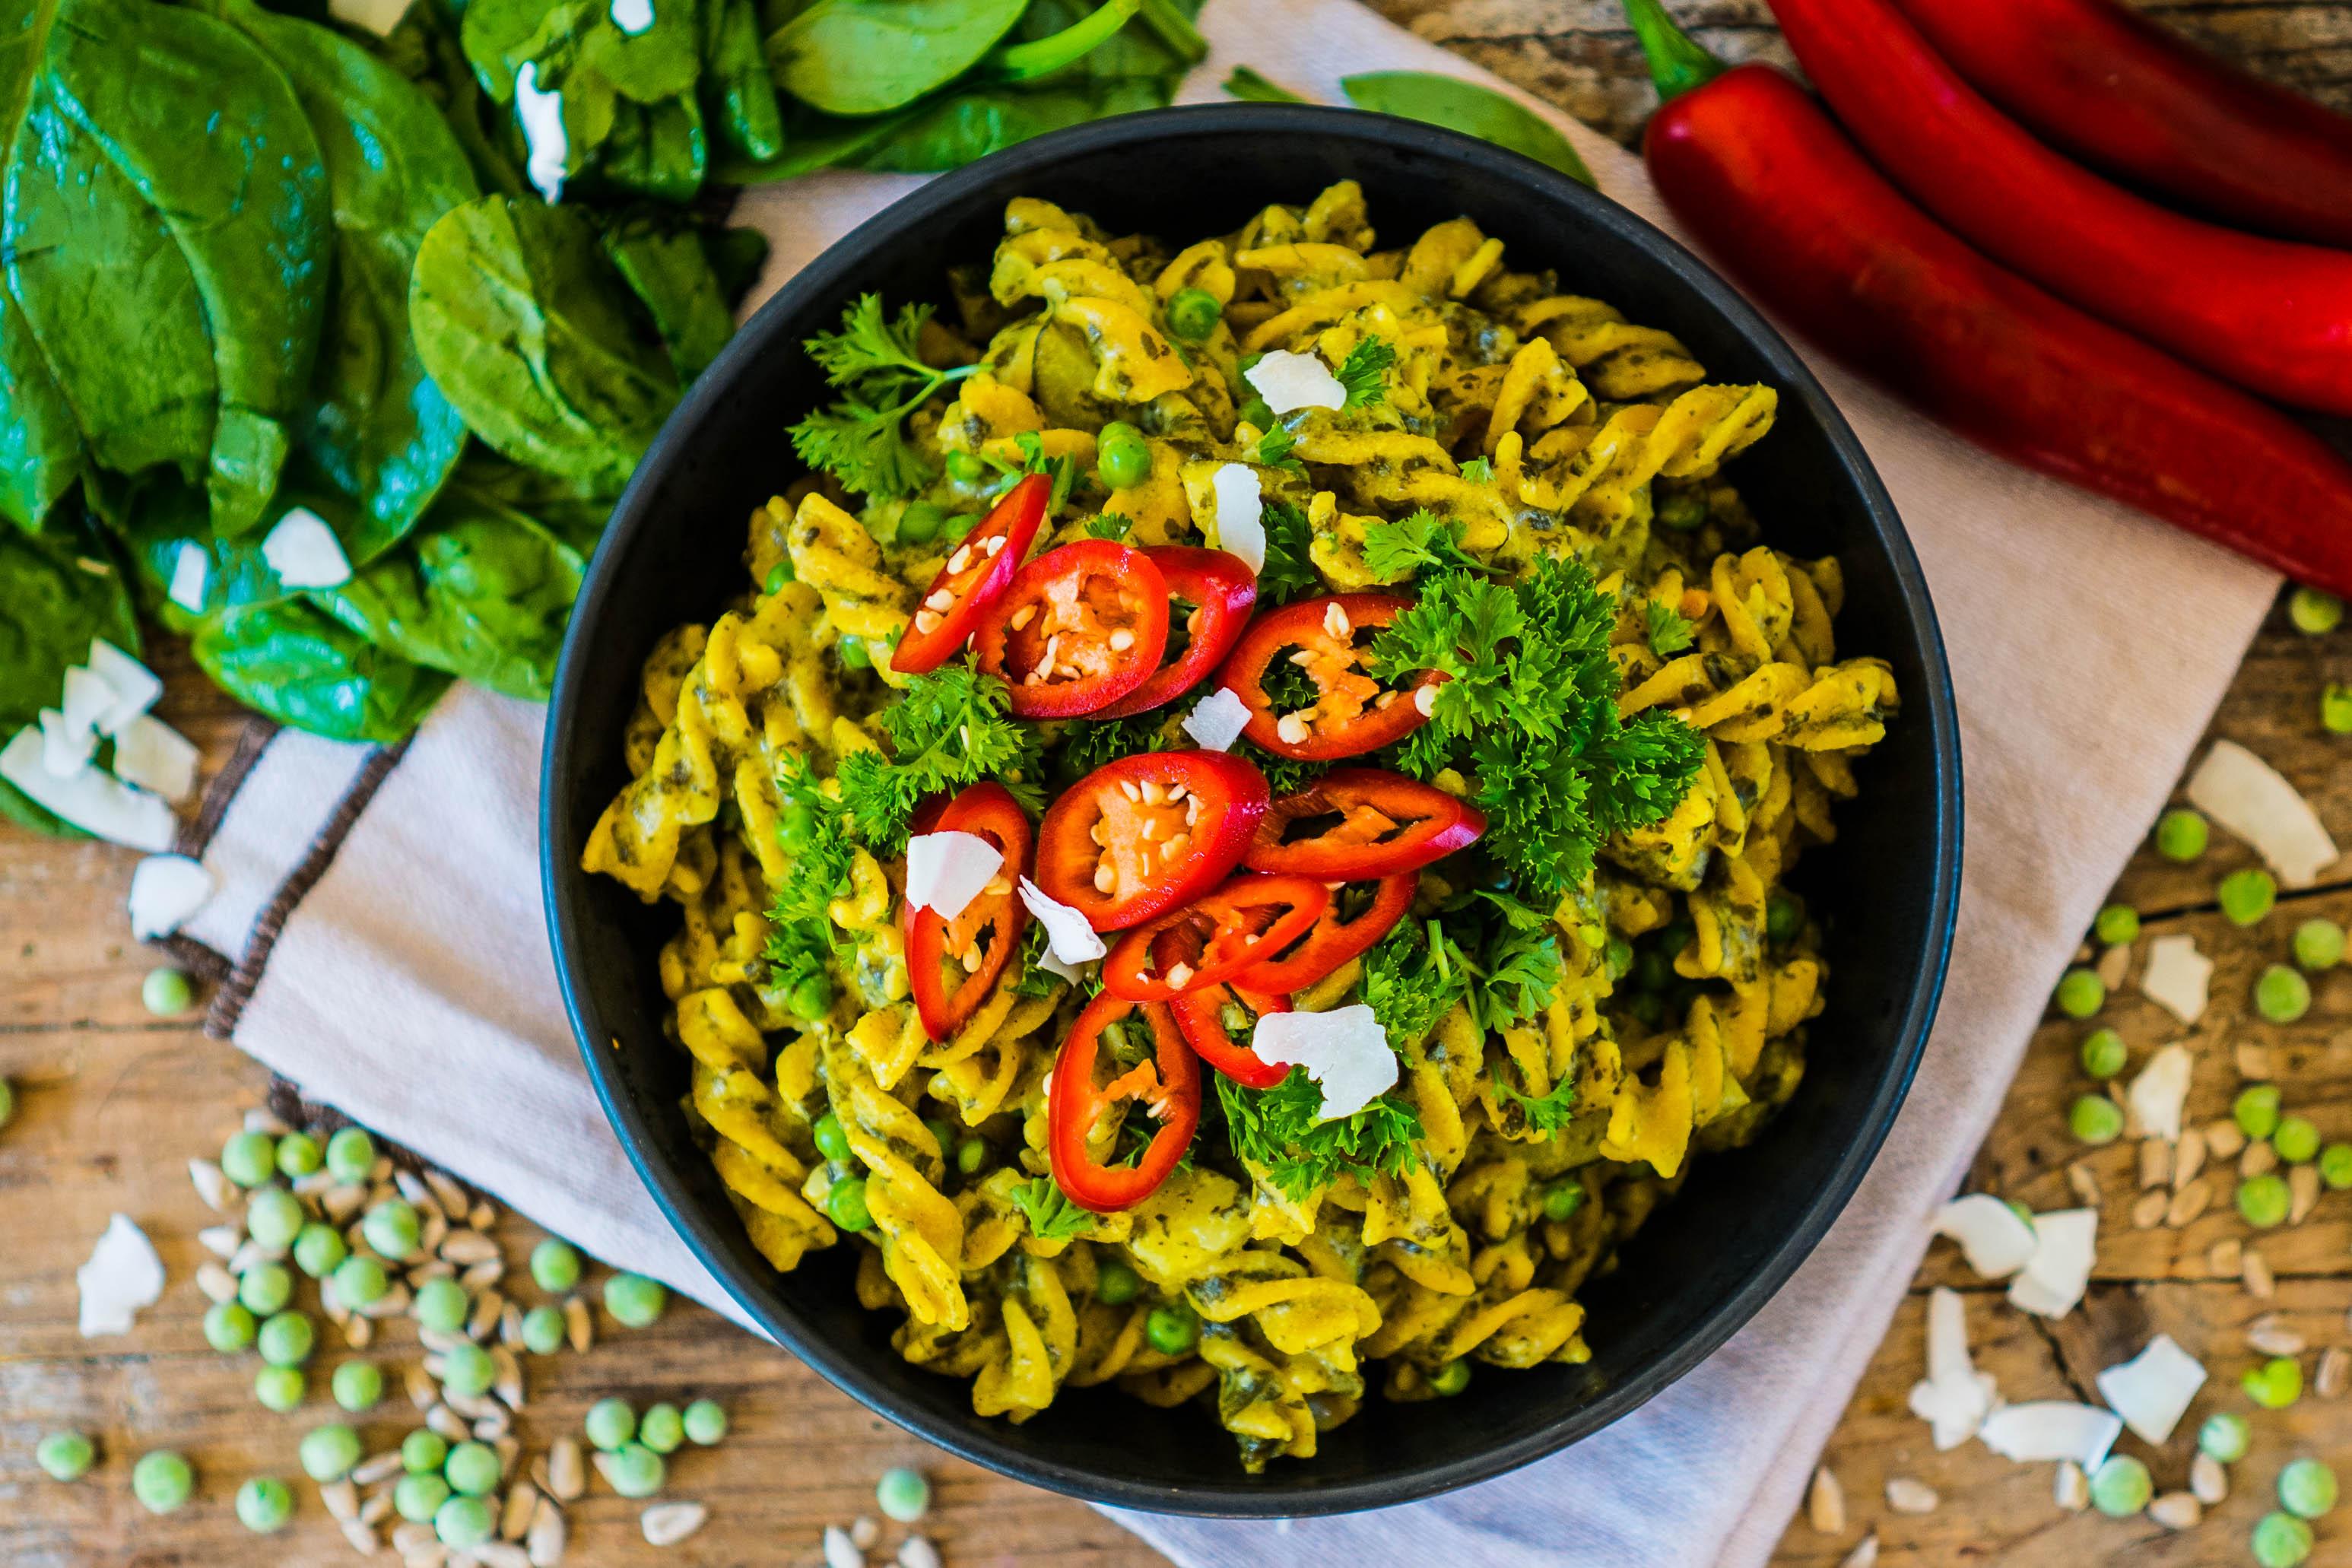 vegane one pot pasta mit spinat und kokosmilch mrs flury gesund essen leben. Black Bedroom Furniture Sets. Home Design Ideas